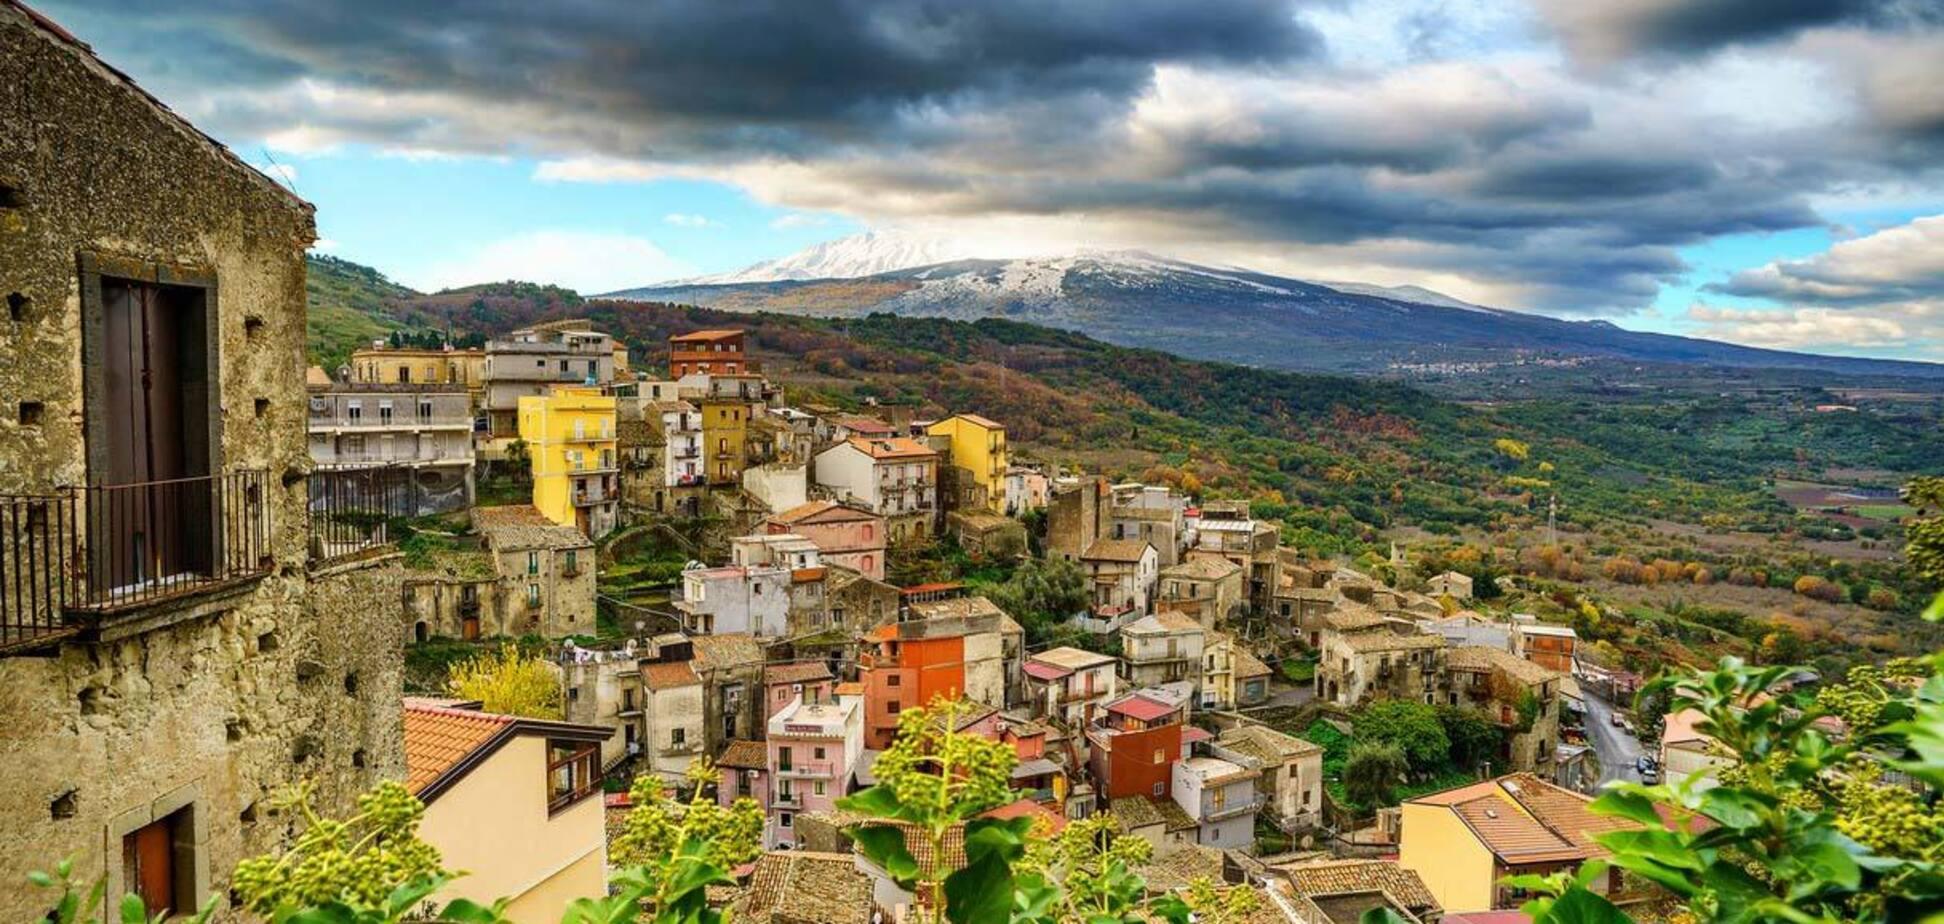 У місті Кастільоне-ді-Сицилія будуть продавати будинки за 1 євро